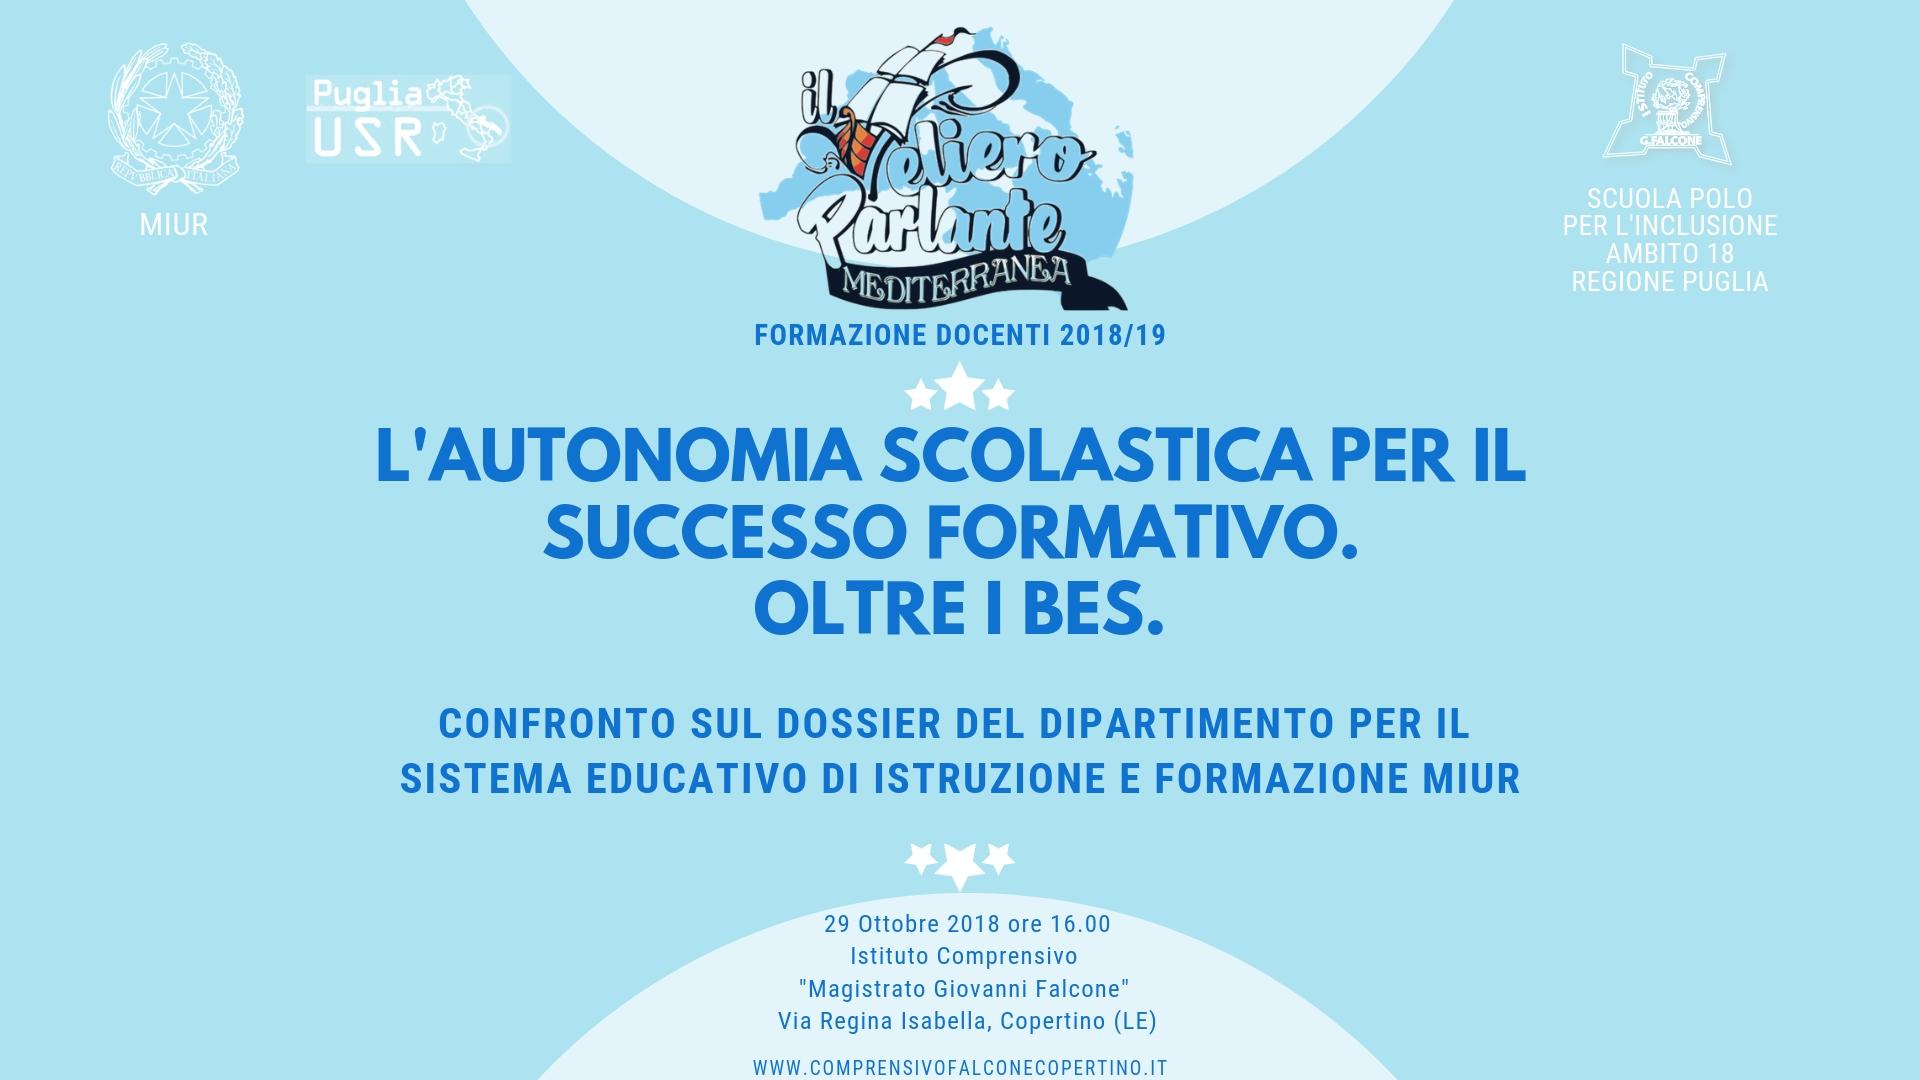 L'autonomia scolastica per il successo formativo